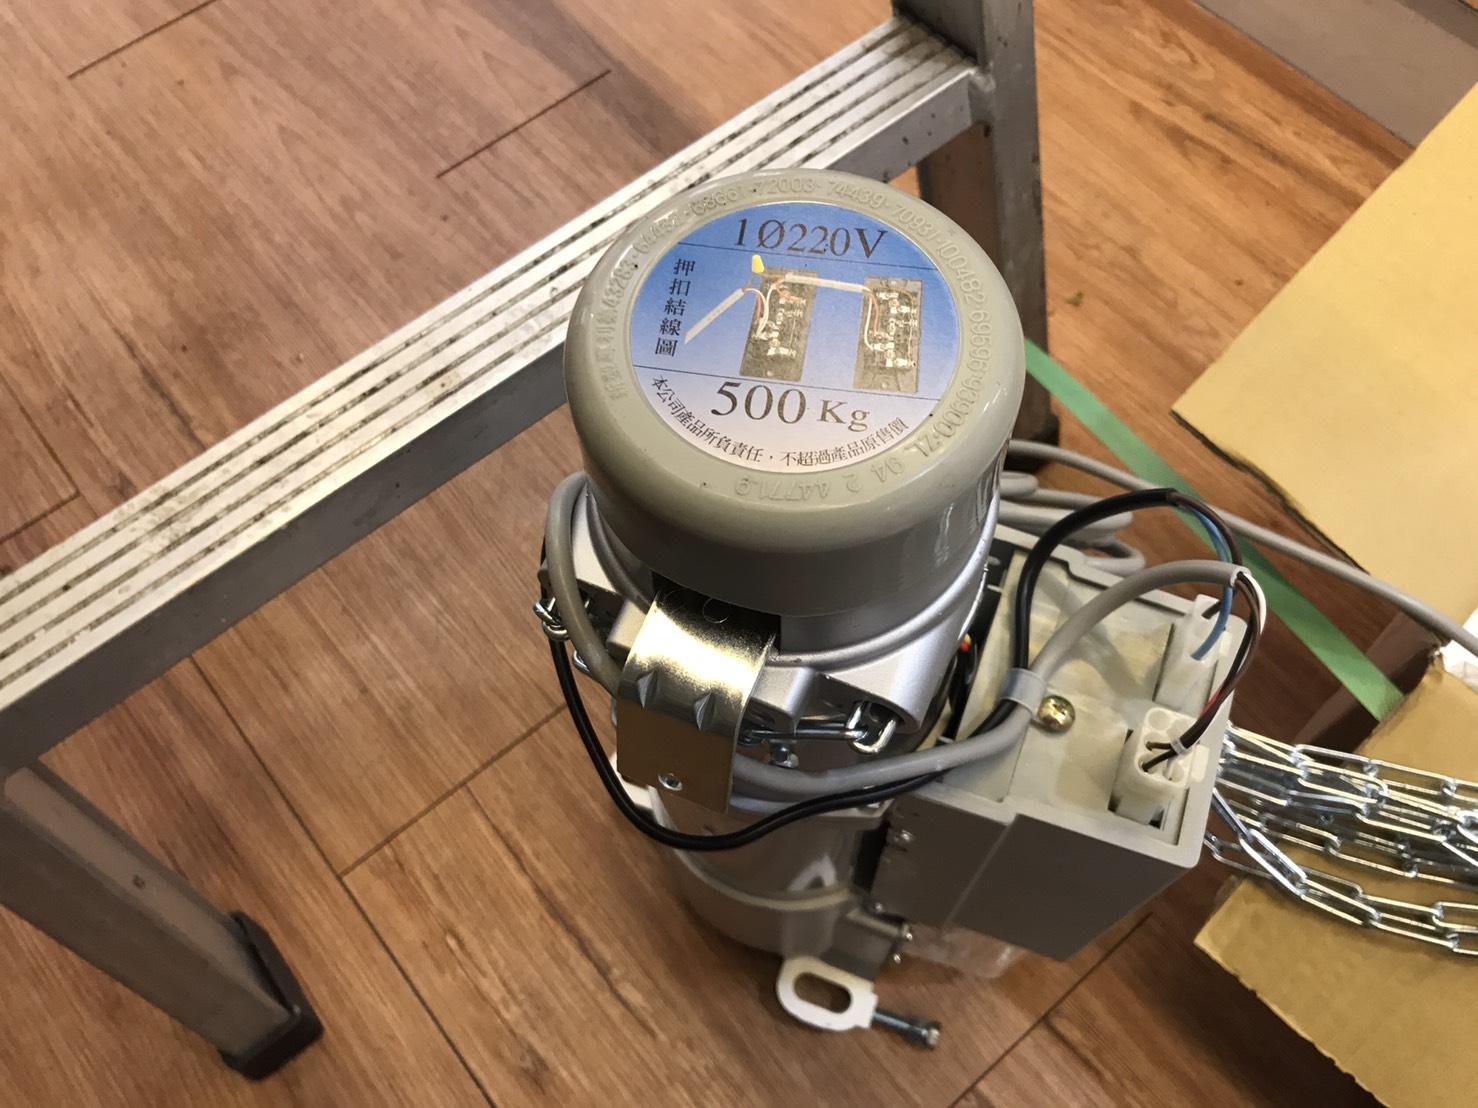 更換鐵捲門馬達、維修鐵捲門、維修快速捲門、維修電動鐵捲門、維修電動捲門